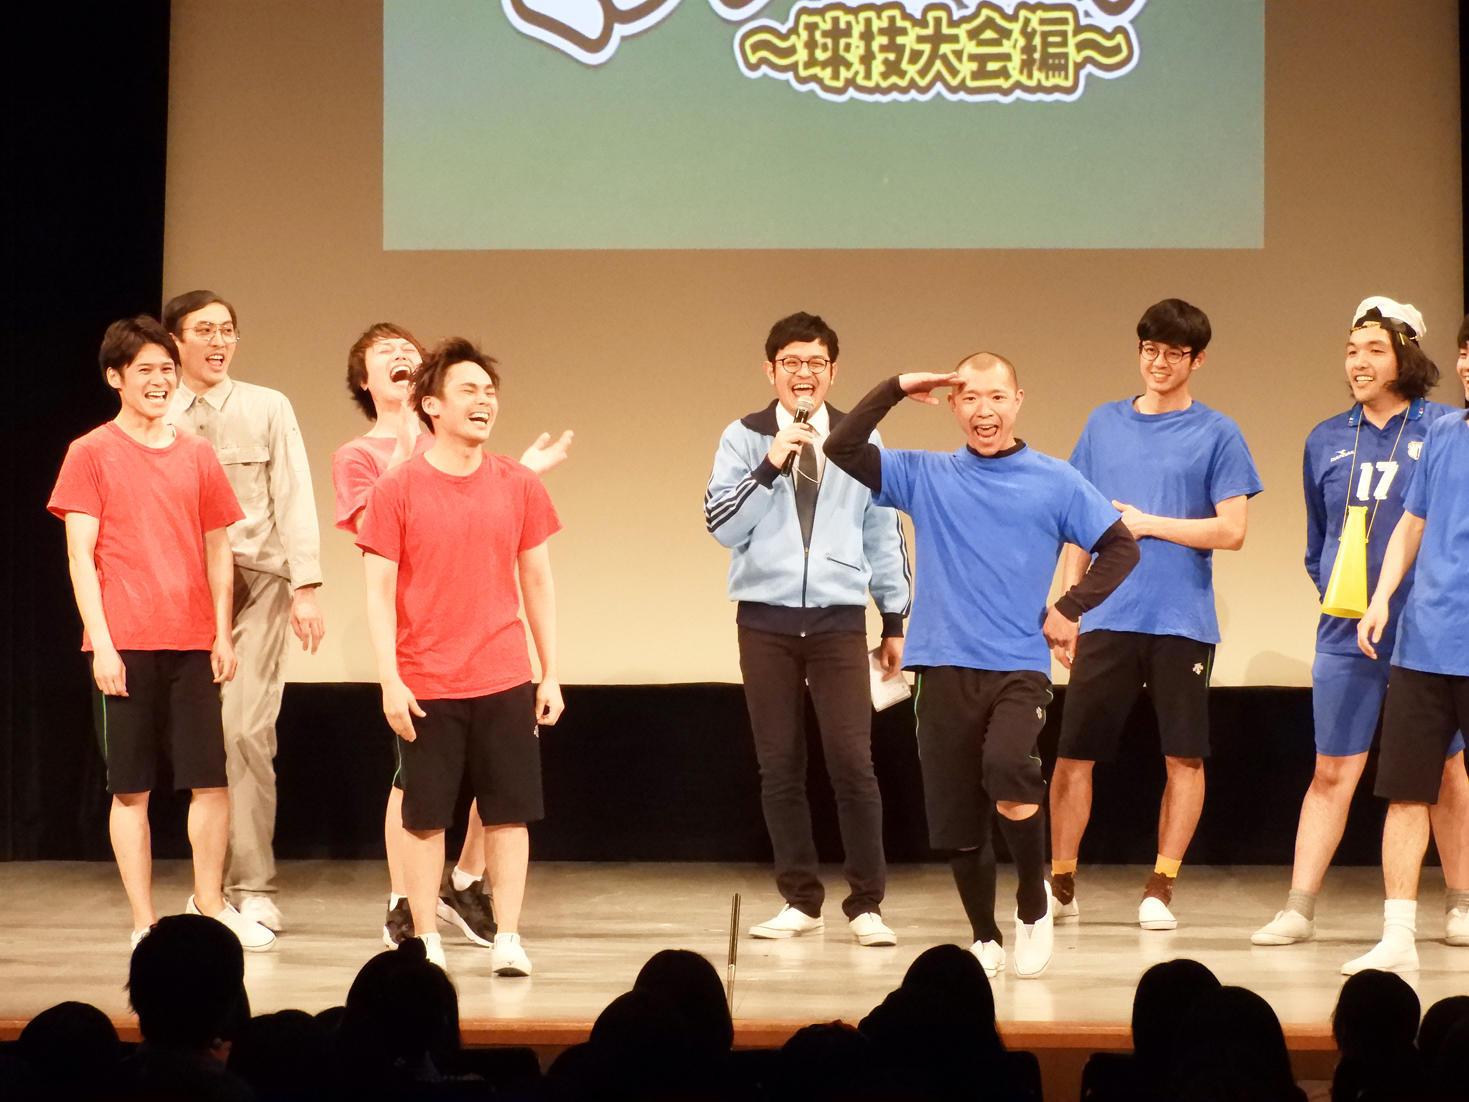 http://news.yoshimoto.co.jp/20180404104106-1de60615e9cb8e8a7a1fcefce583fb6b1a15a8ff.jpg